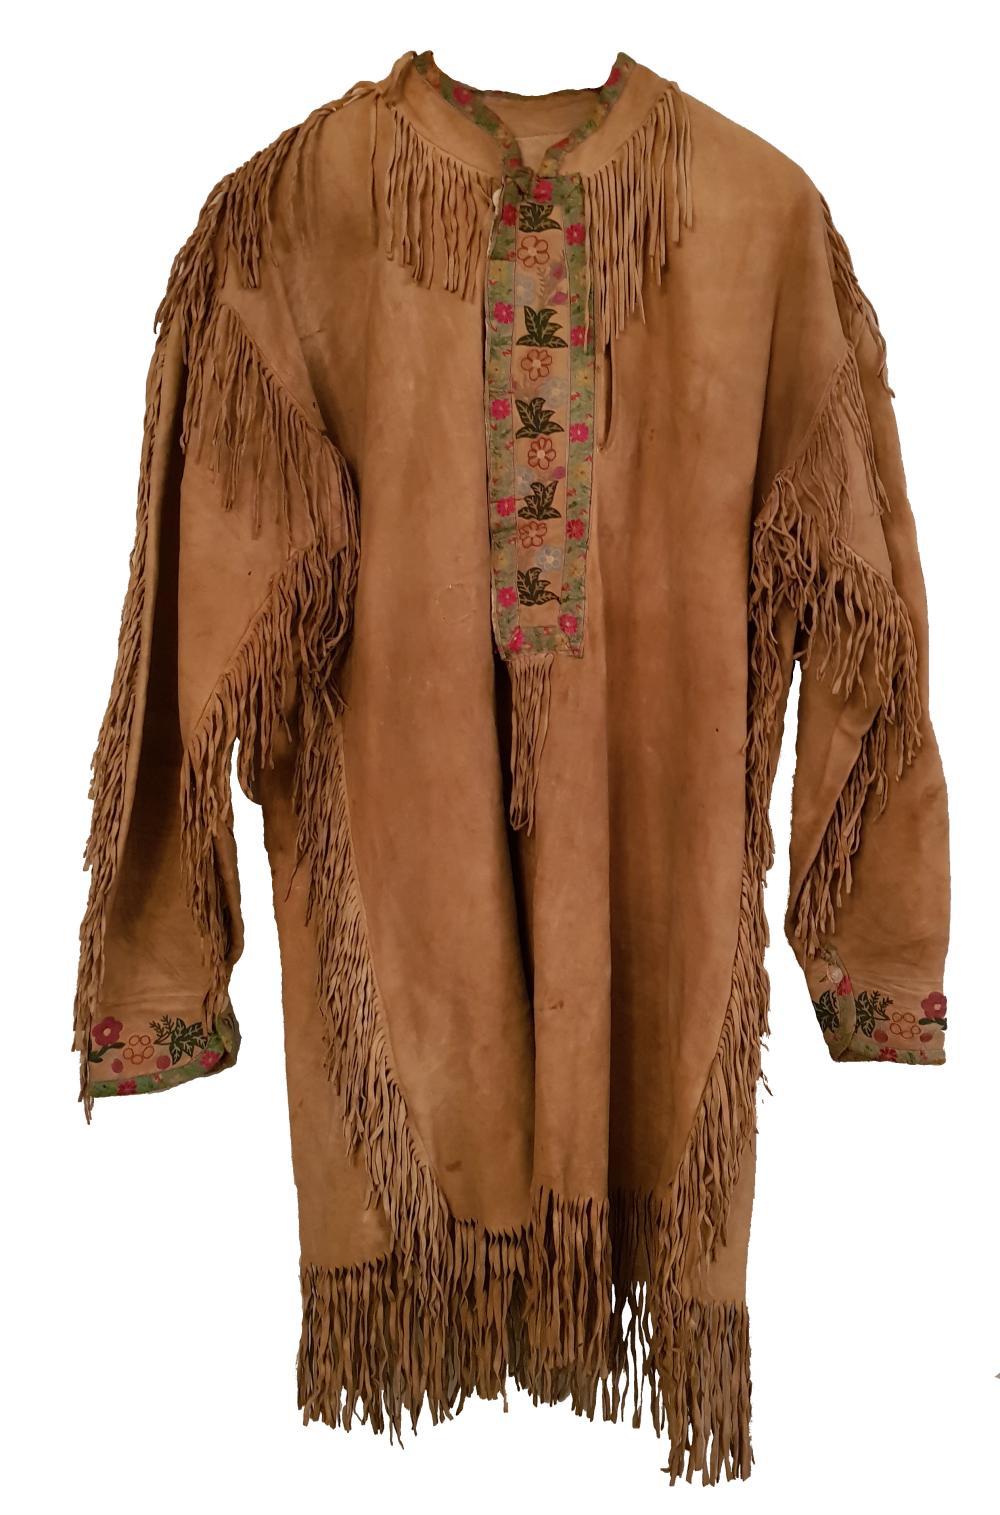 La Remise Aux Tissus Lyon cree trapper jacket 1880-1890